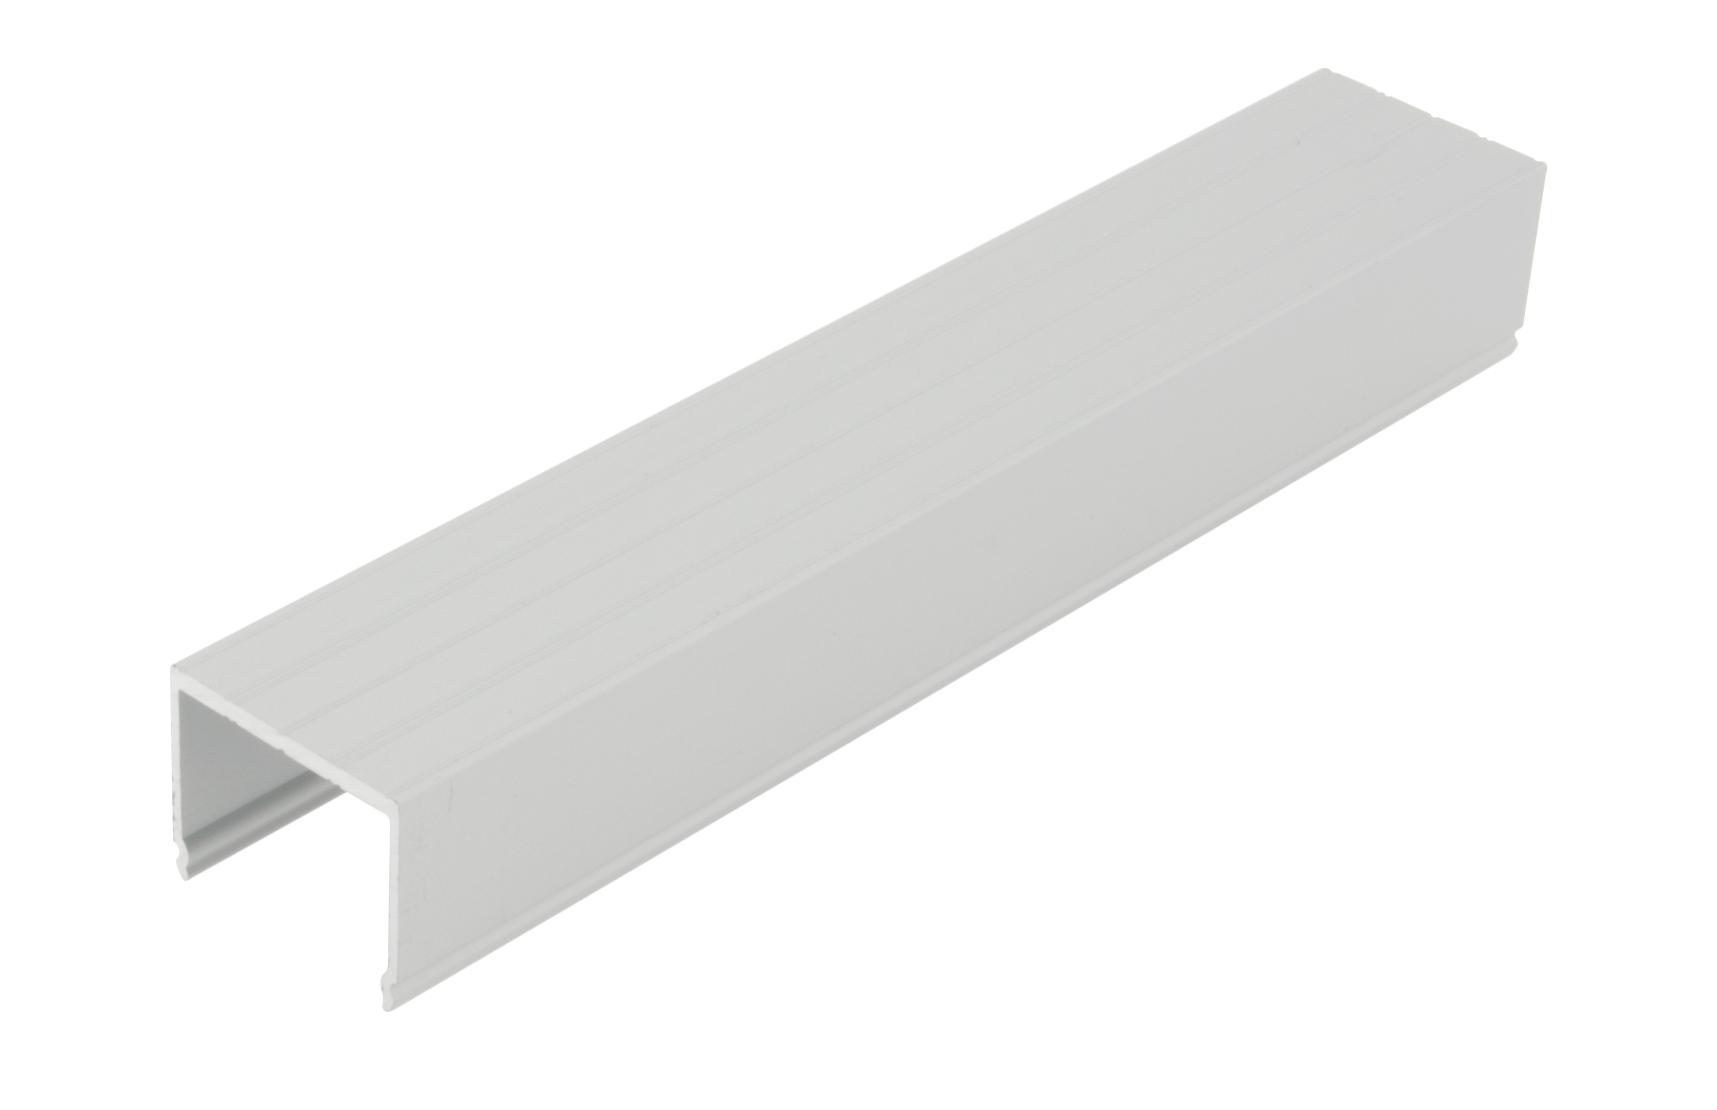 1 m Aluminium Einsatz CL LIAP006000